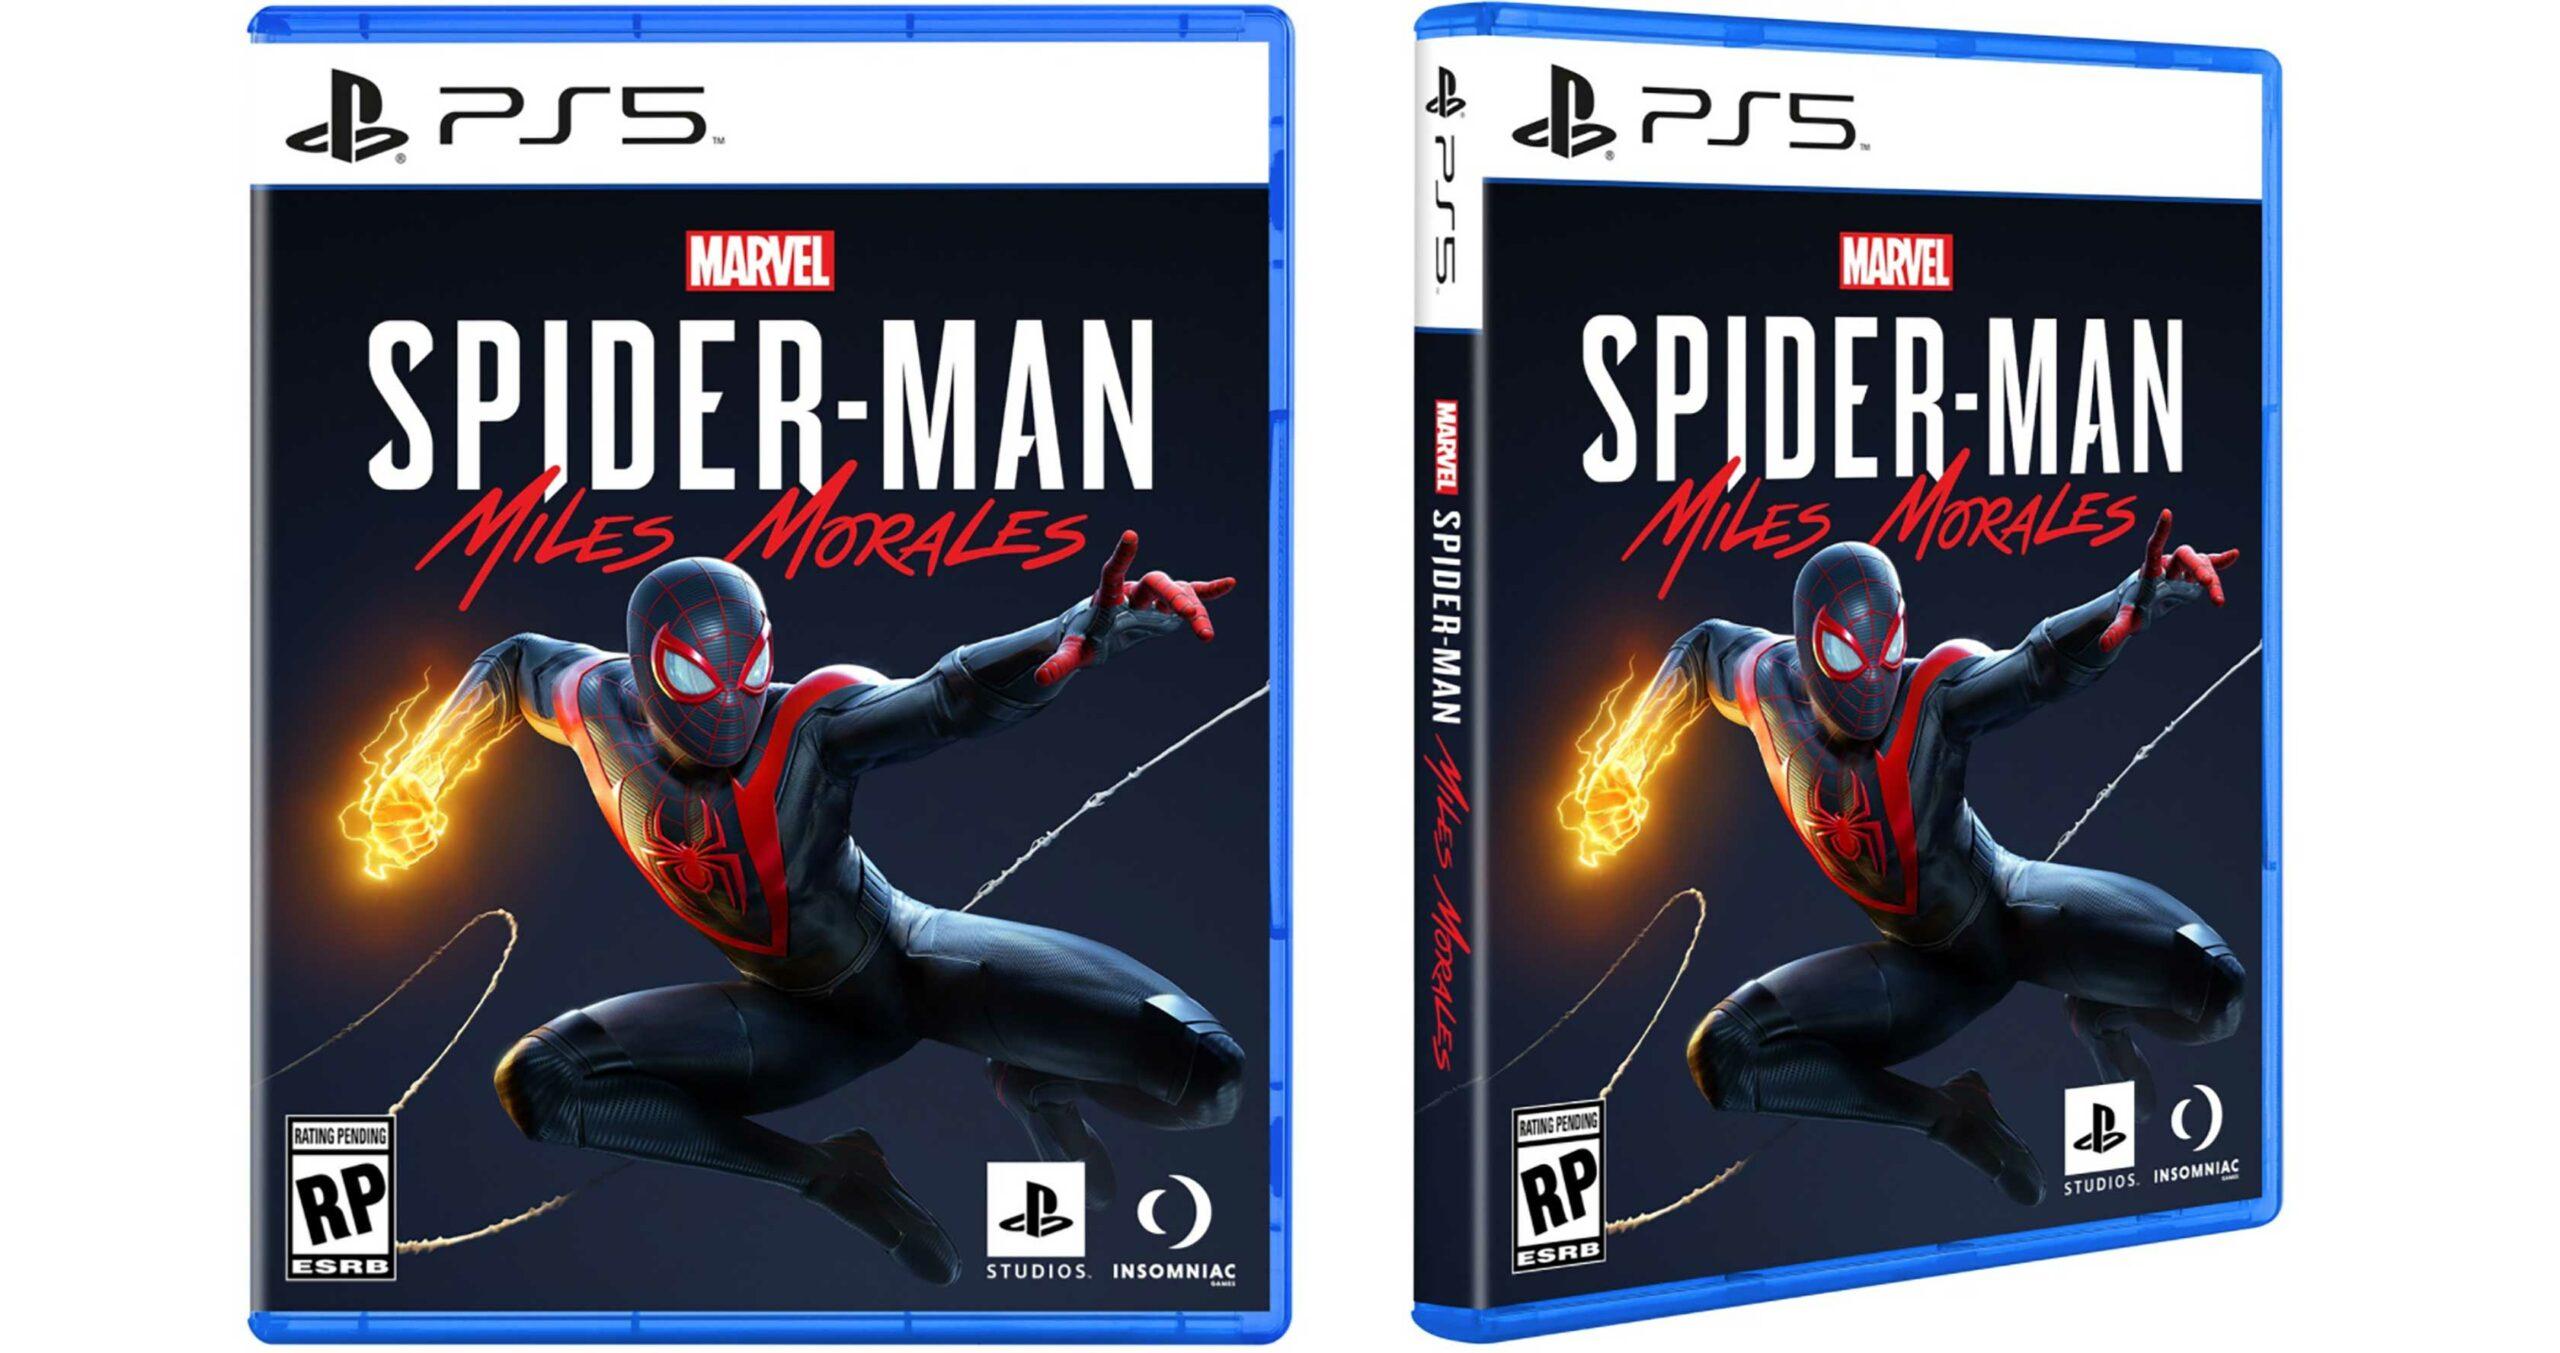 Marvel's Spider-Man PS5